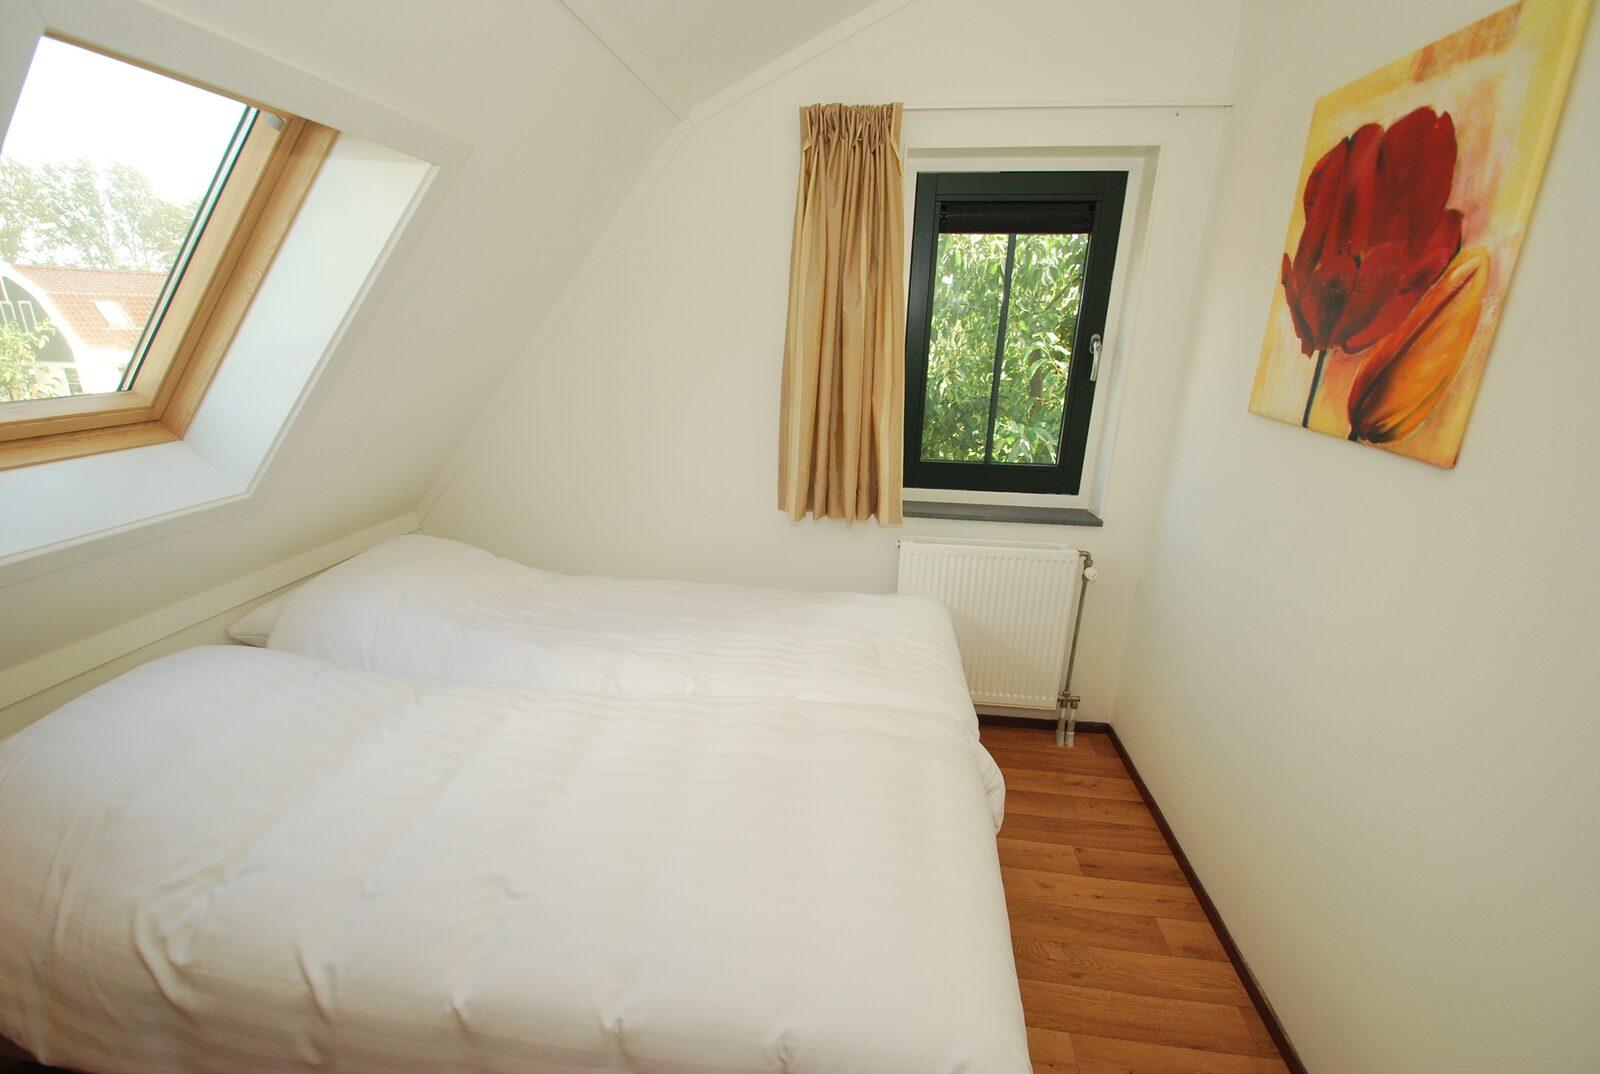 Koningshoeve, 4 Personen, mit 2 Schlafzimmern